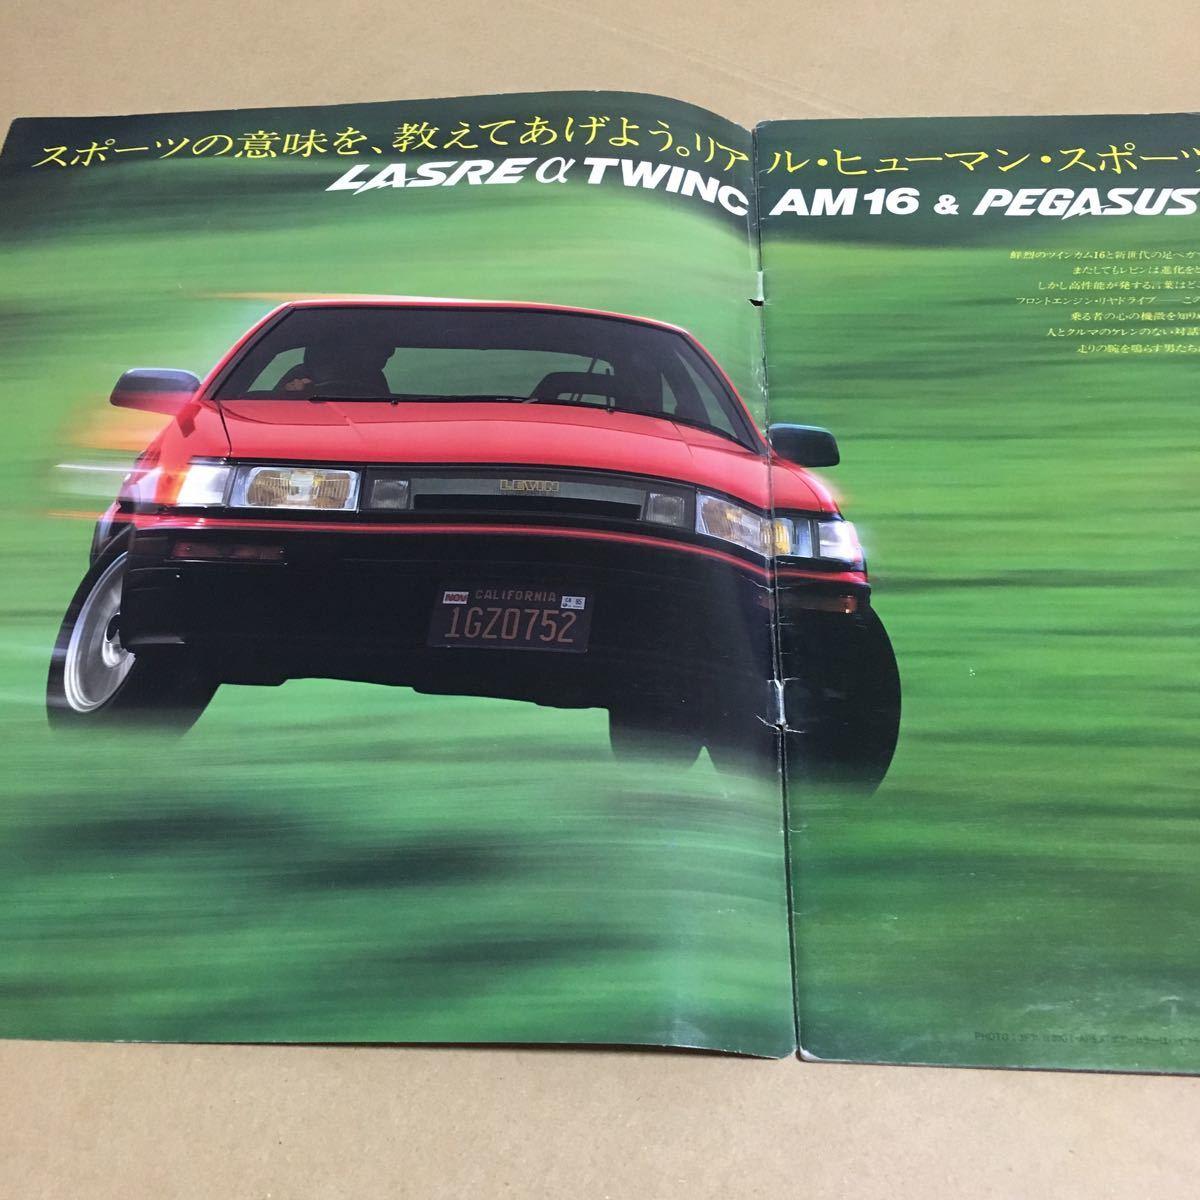 AE86 トヨタカローラレビン カタログ 旧車 ドリフト_画像2